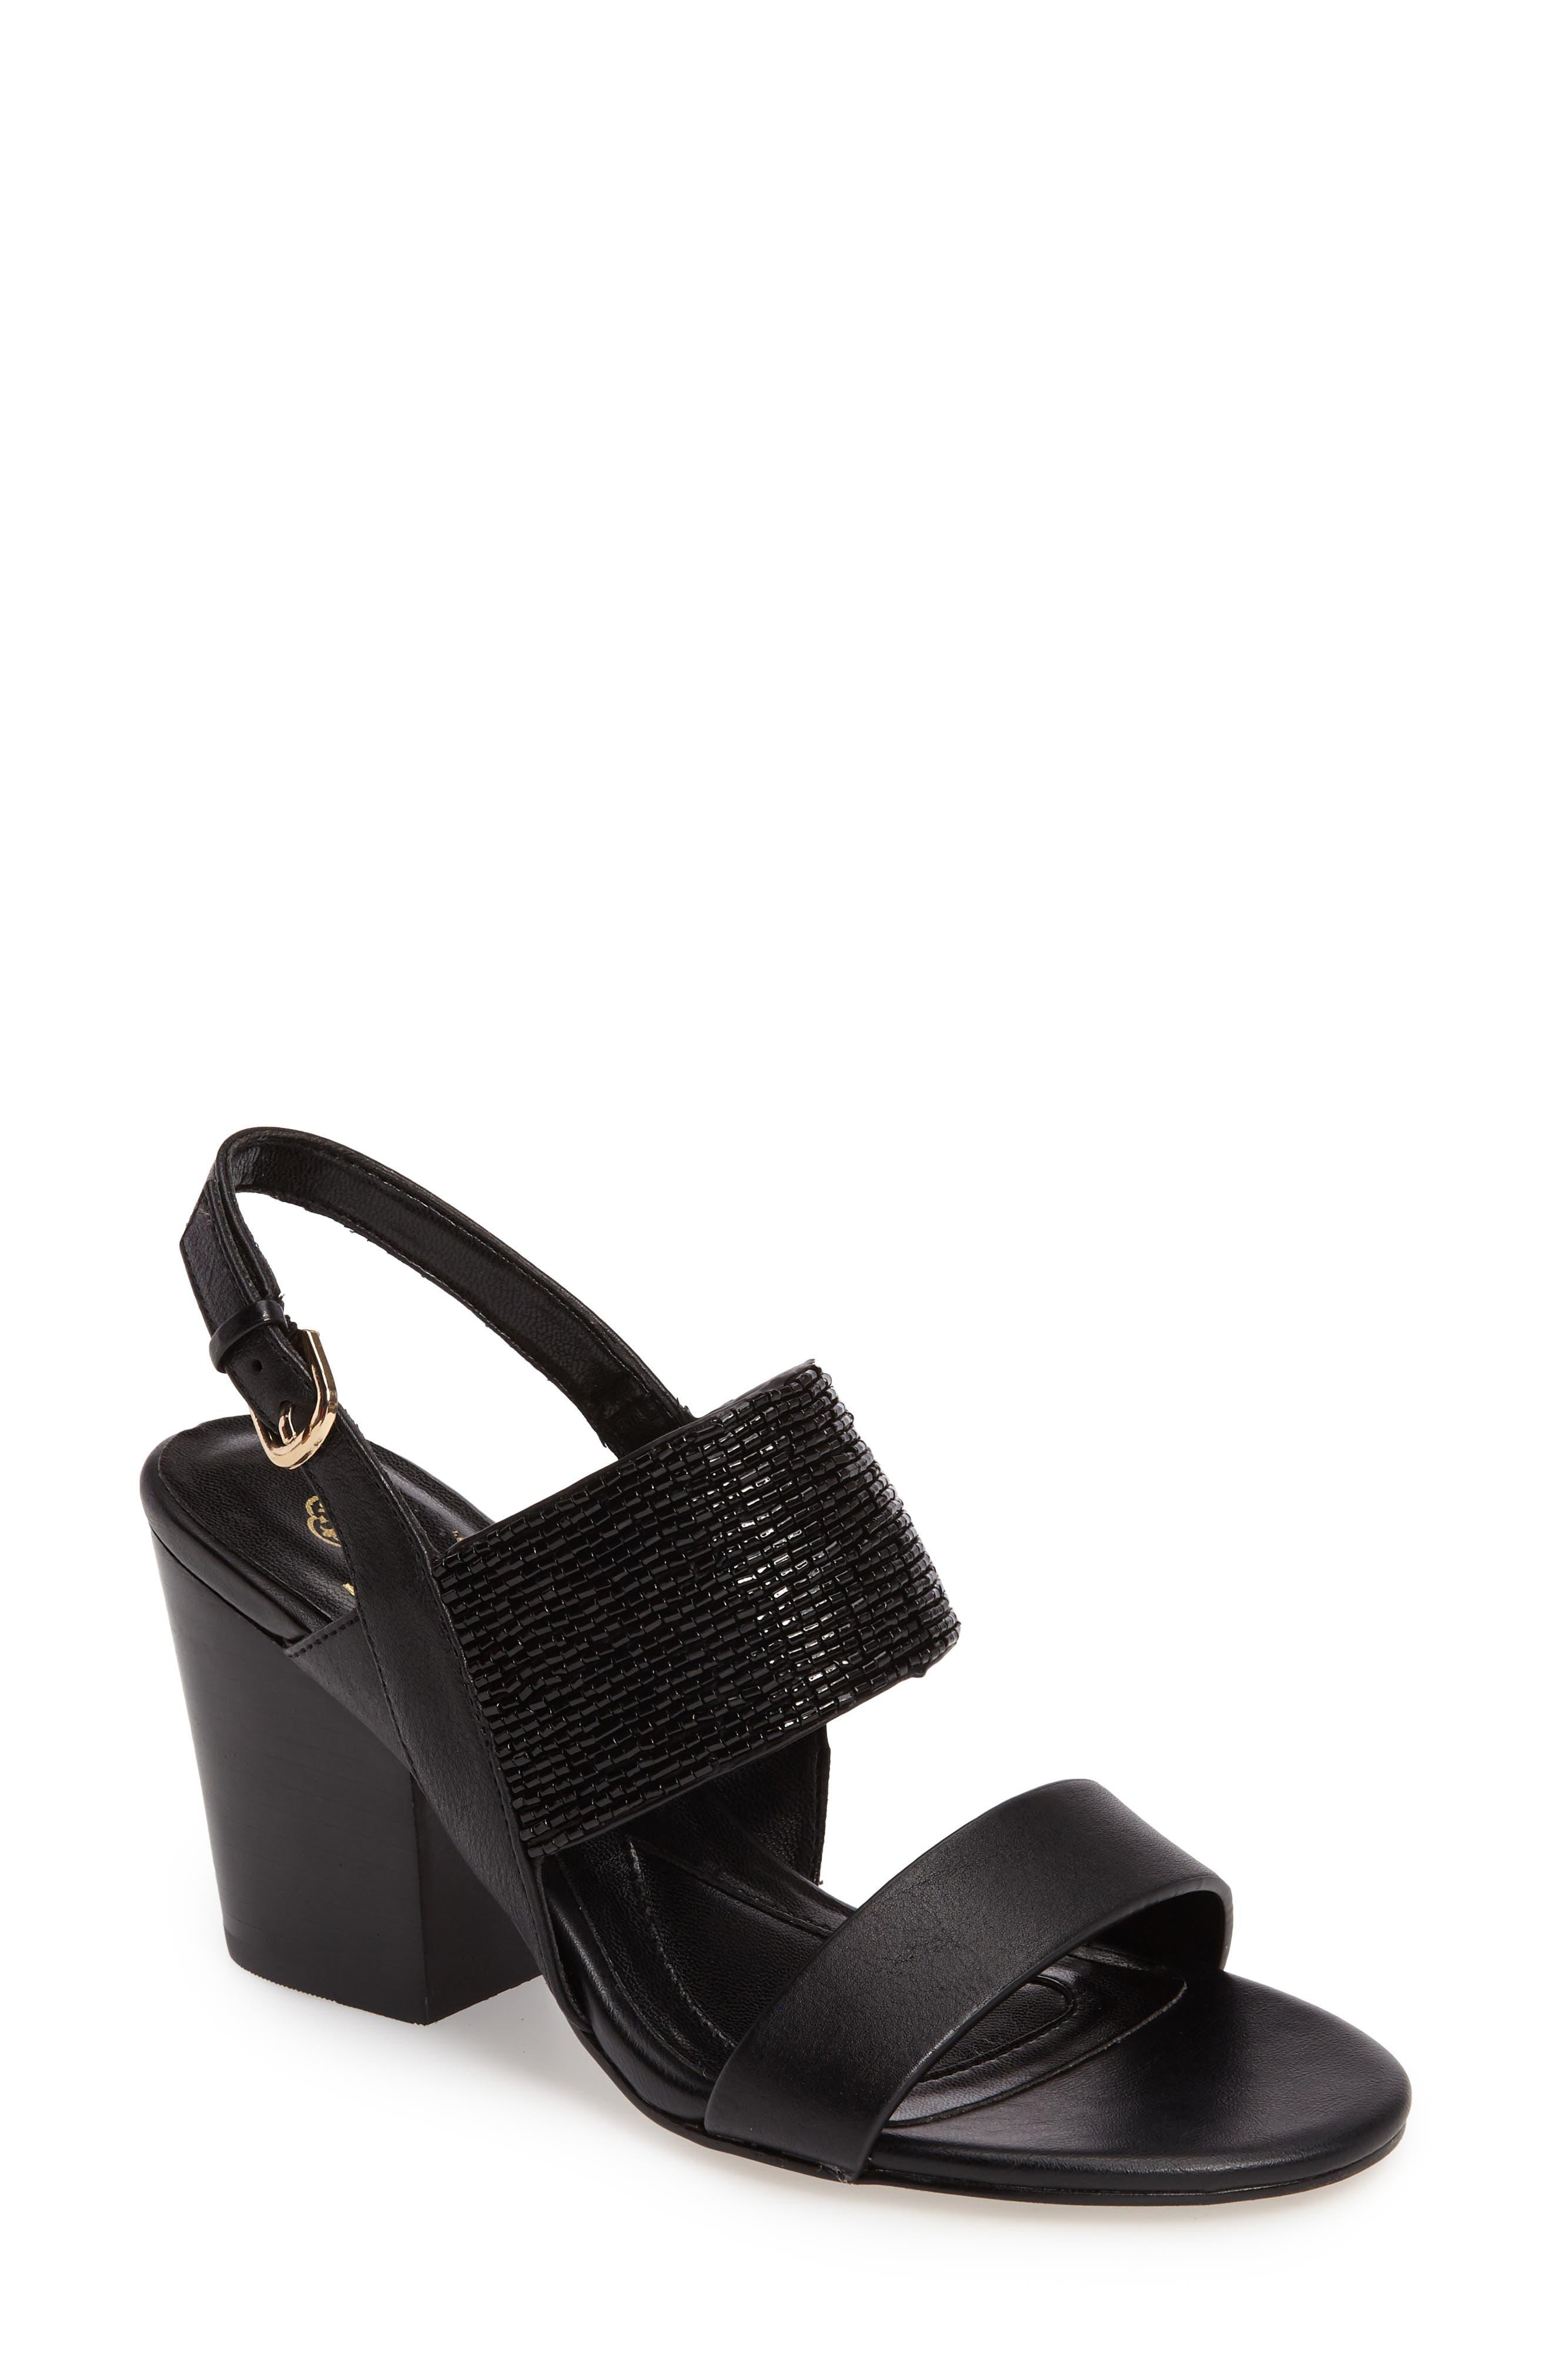 Main Image - Isolá Lia Block Heel Sandal (Women)